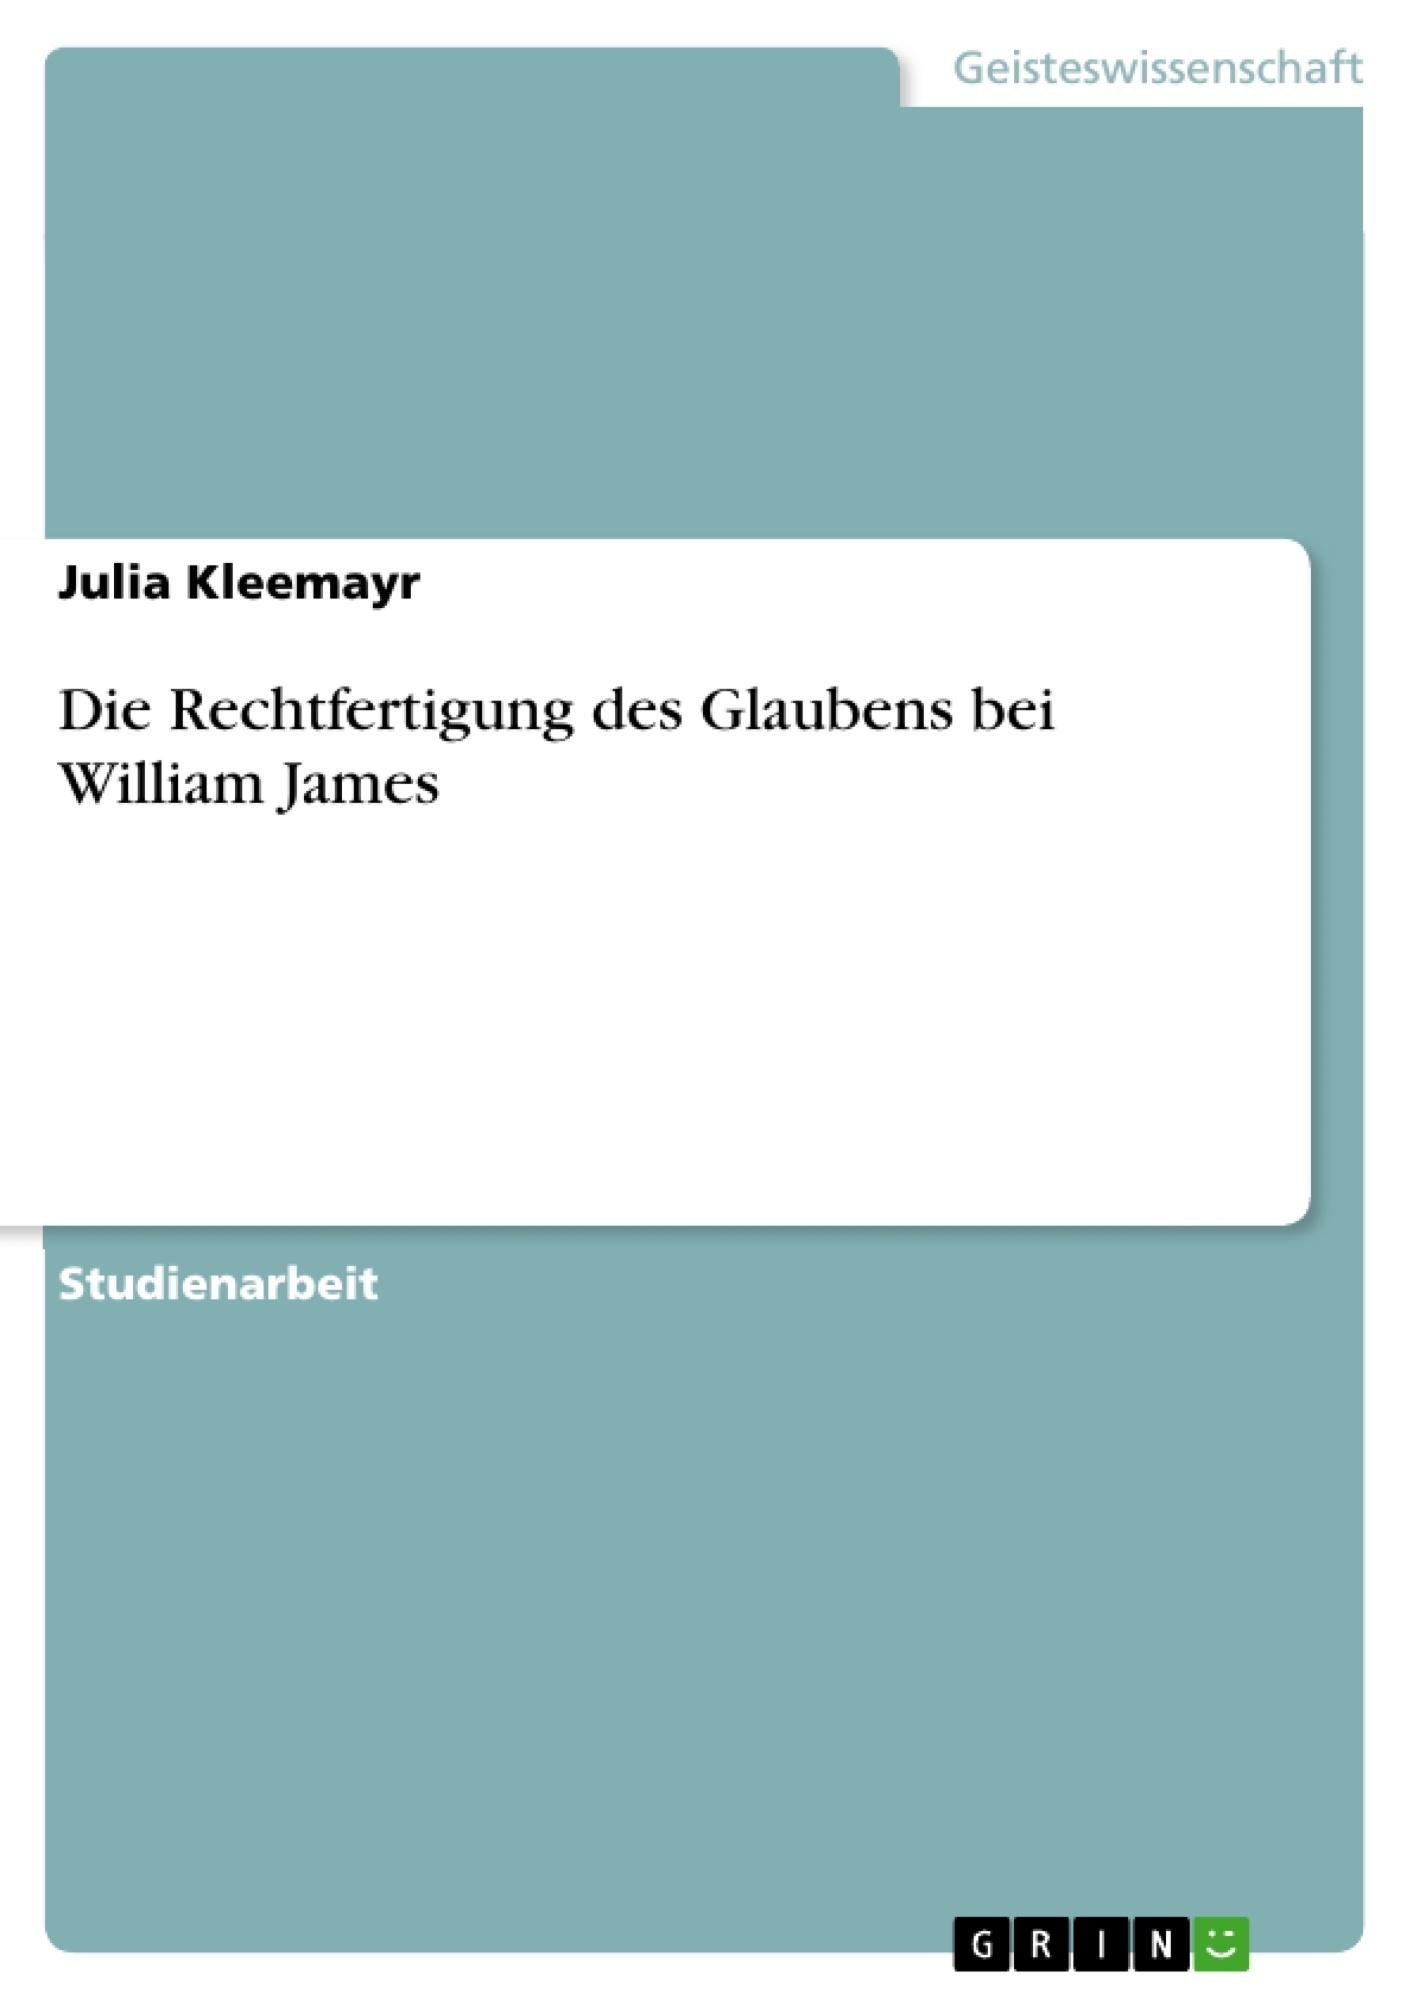 Titel: Die Rechtfertigung des Glaubens bei William James